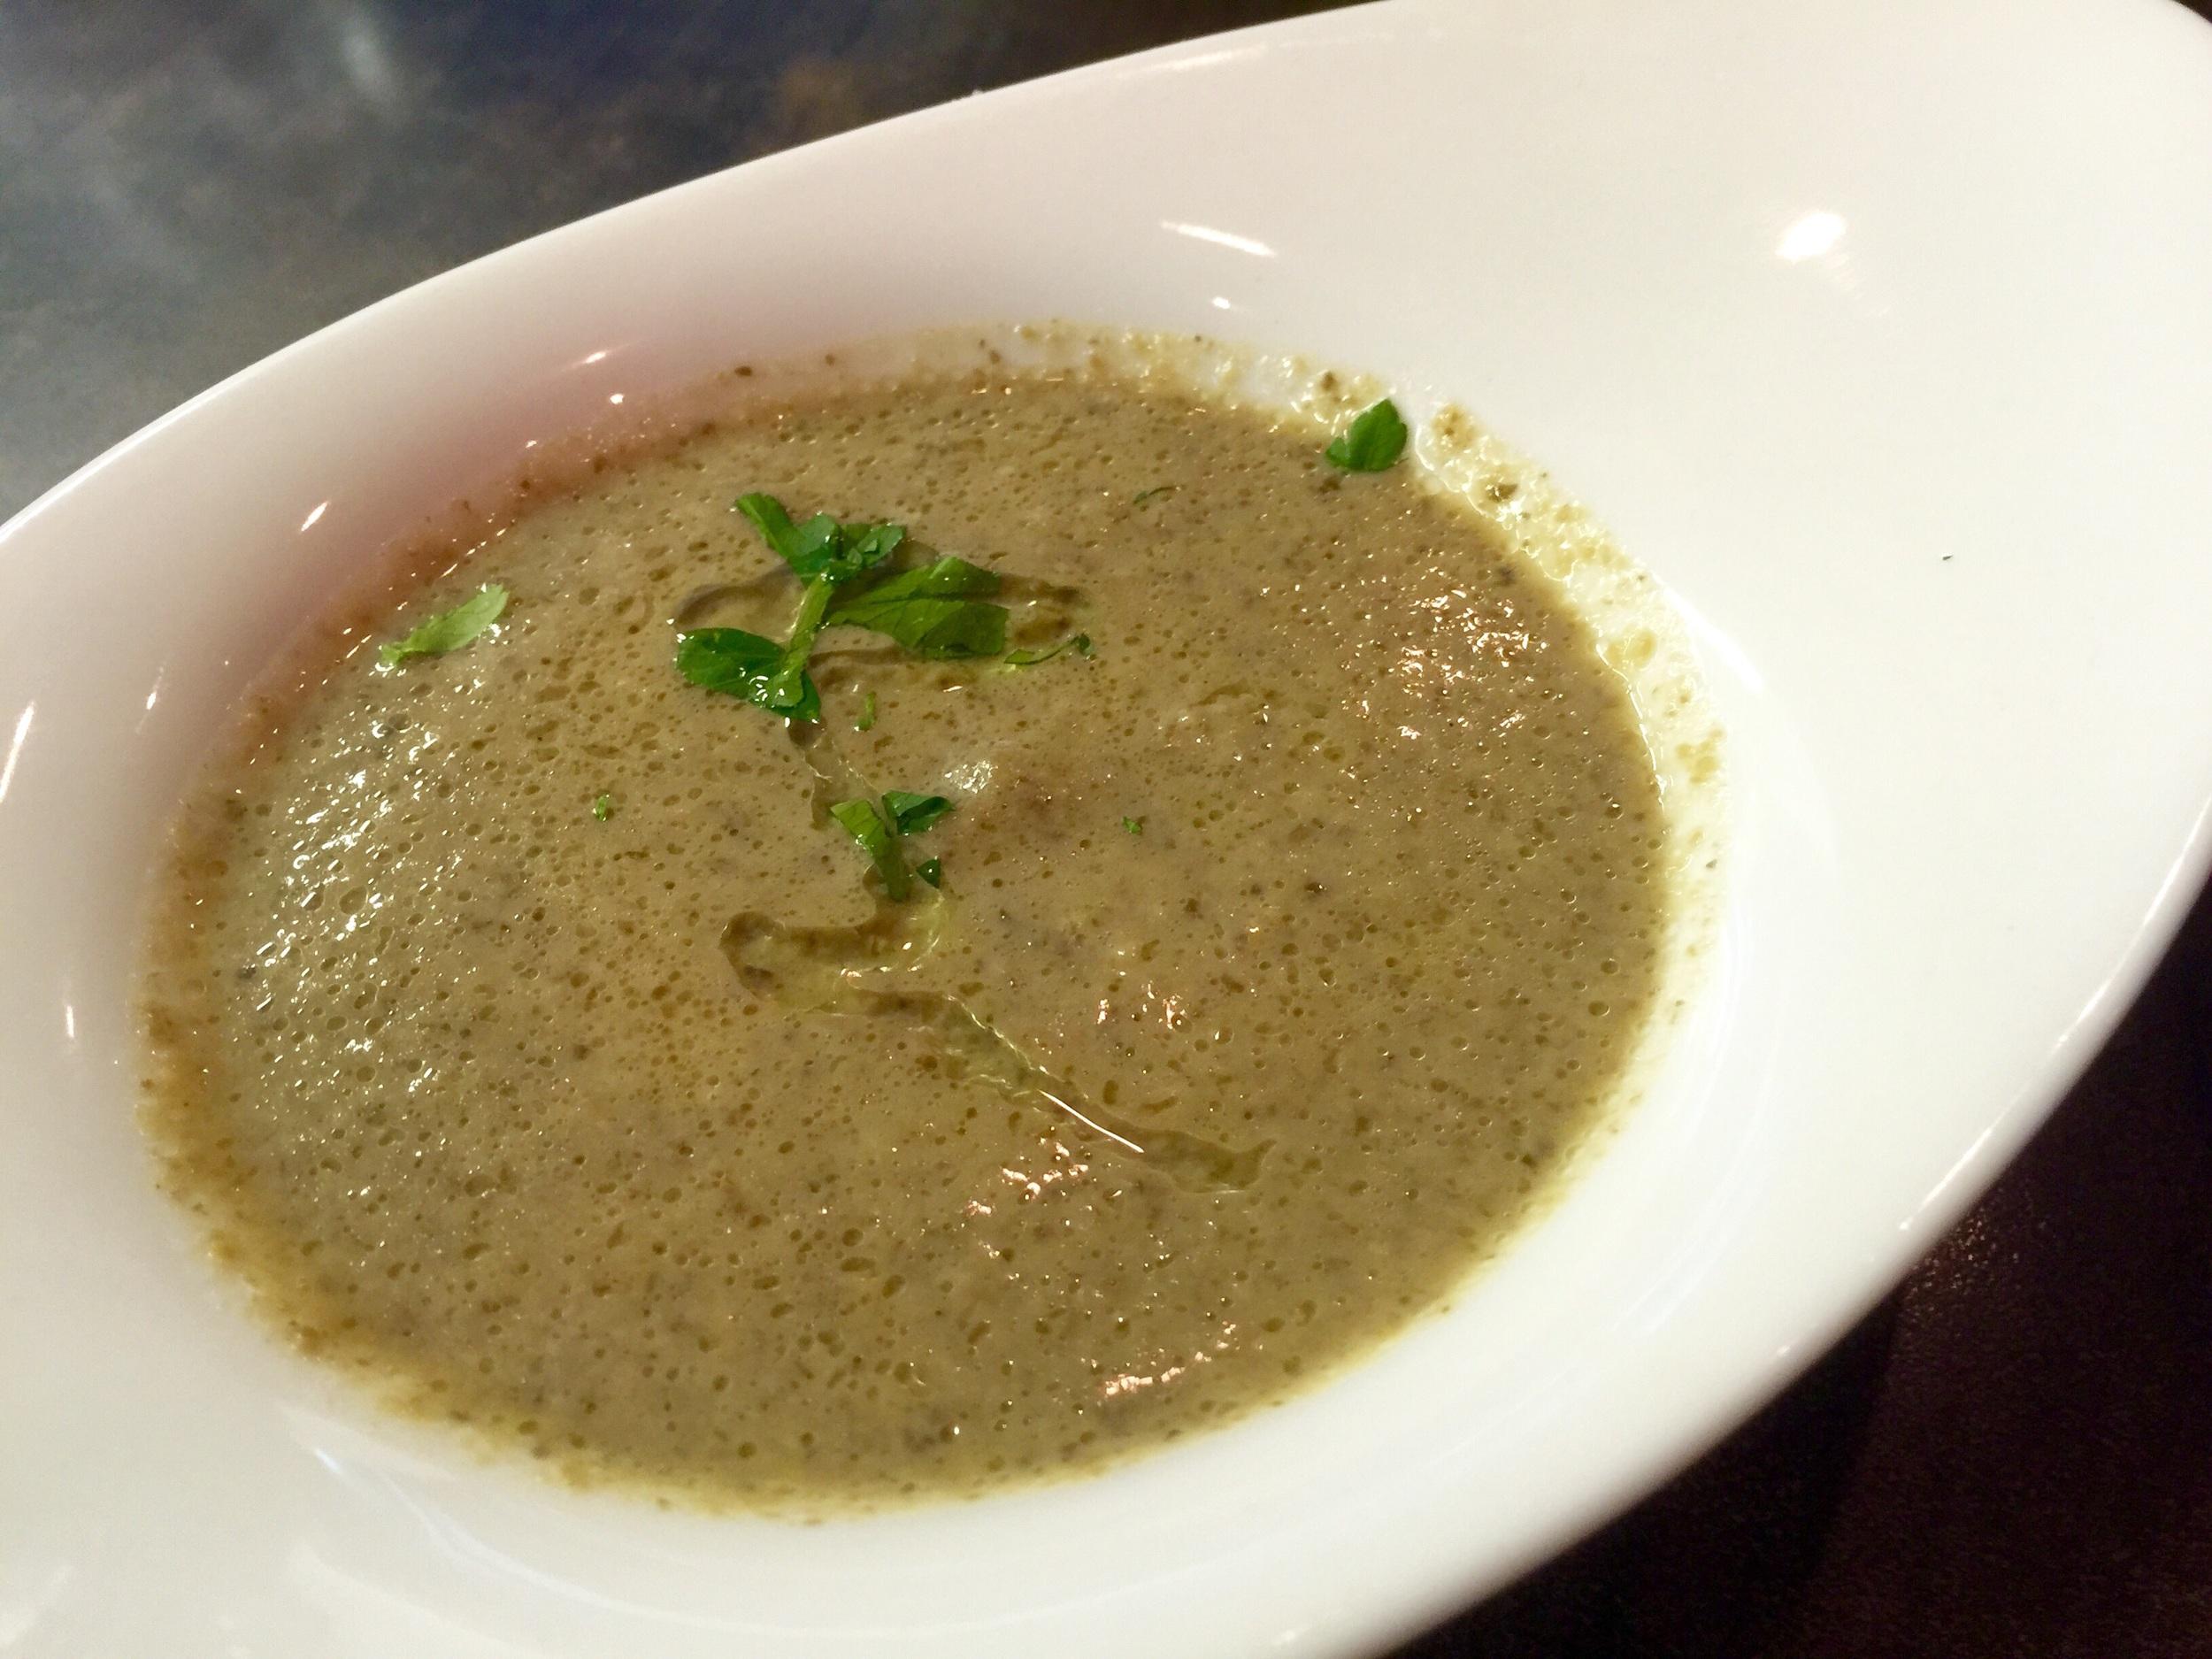 Zuppa di funghi - Decent mushroom soup